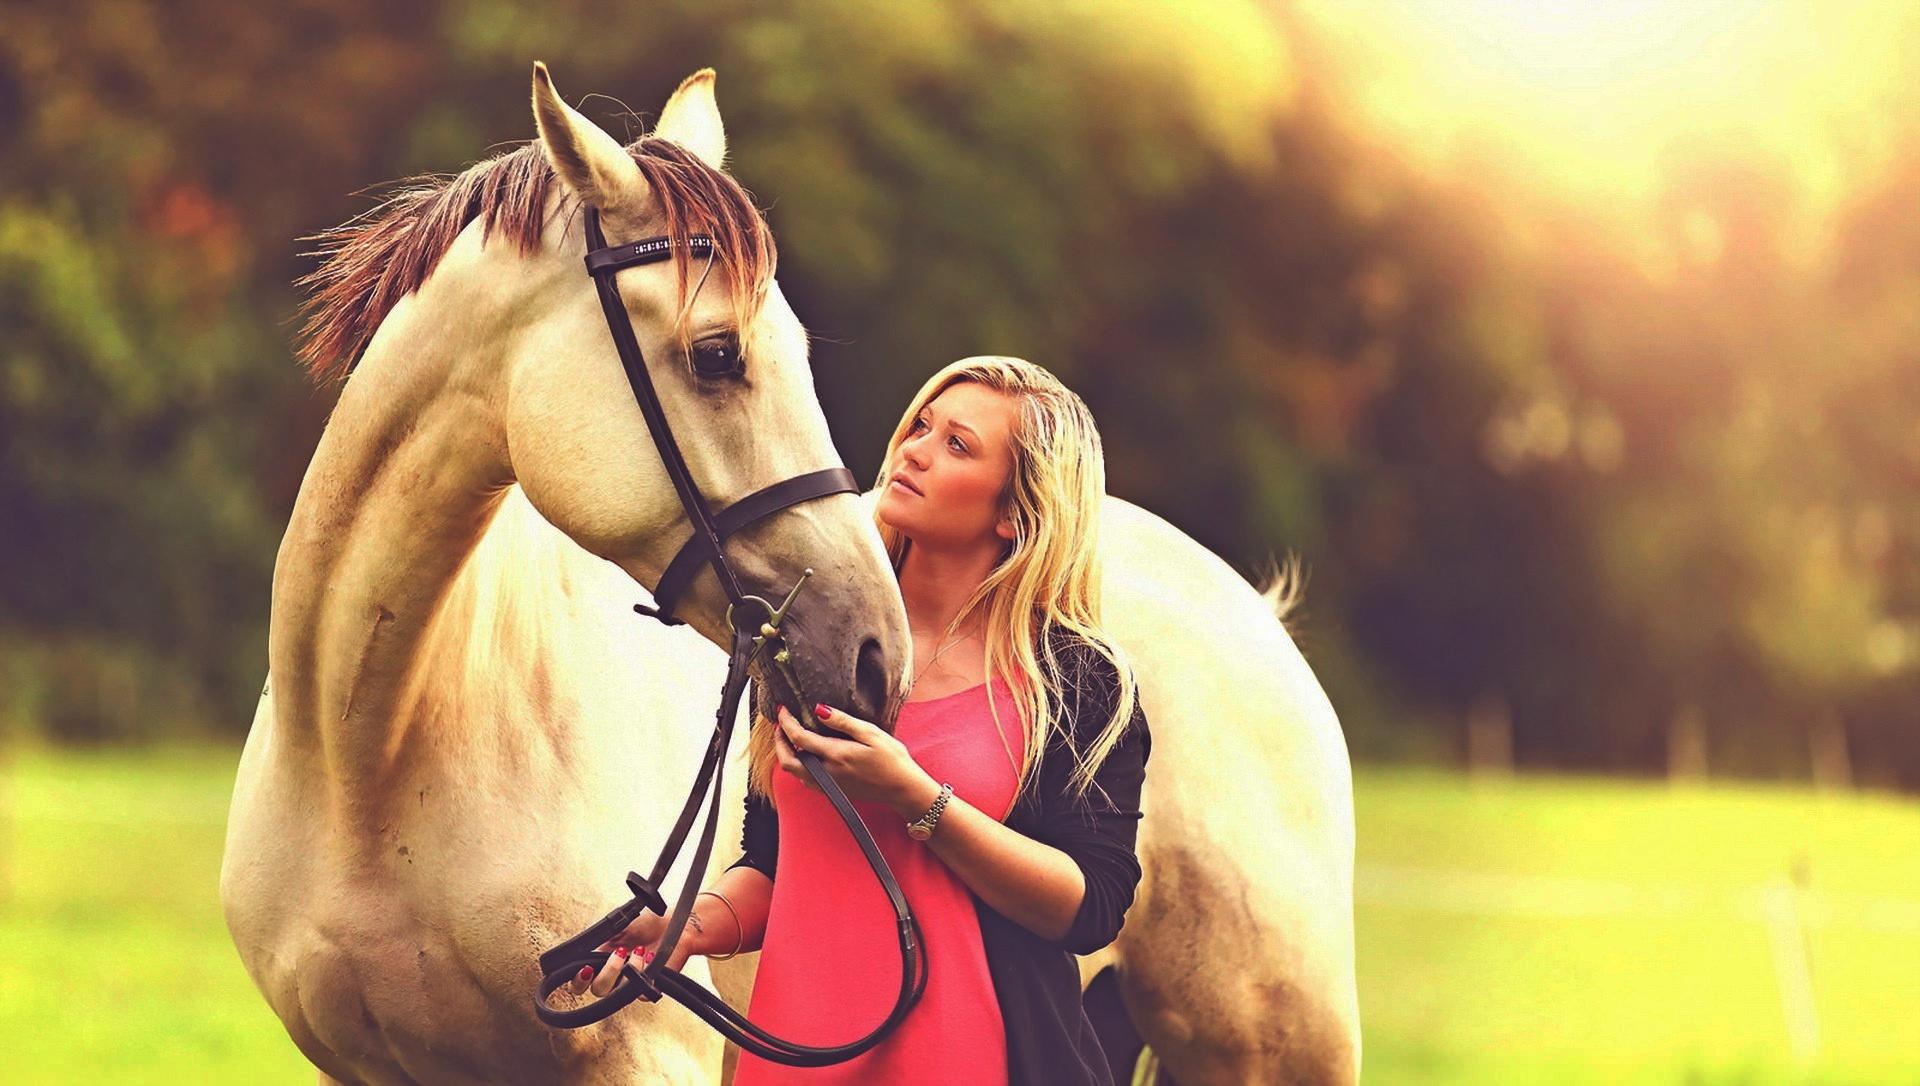 недостаток классная картинка с лошадью панели